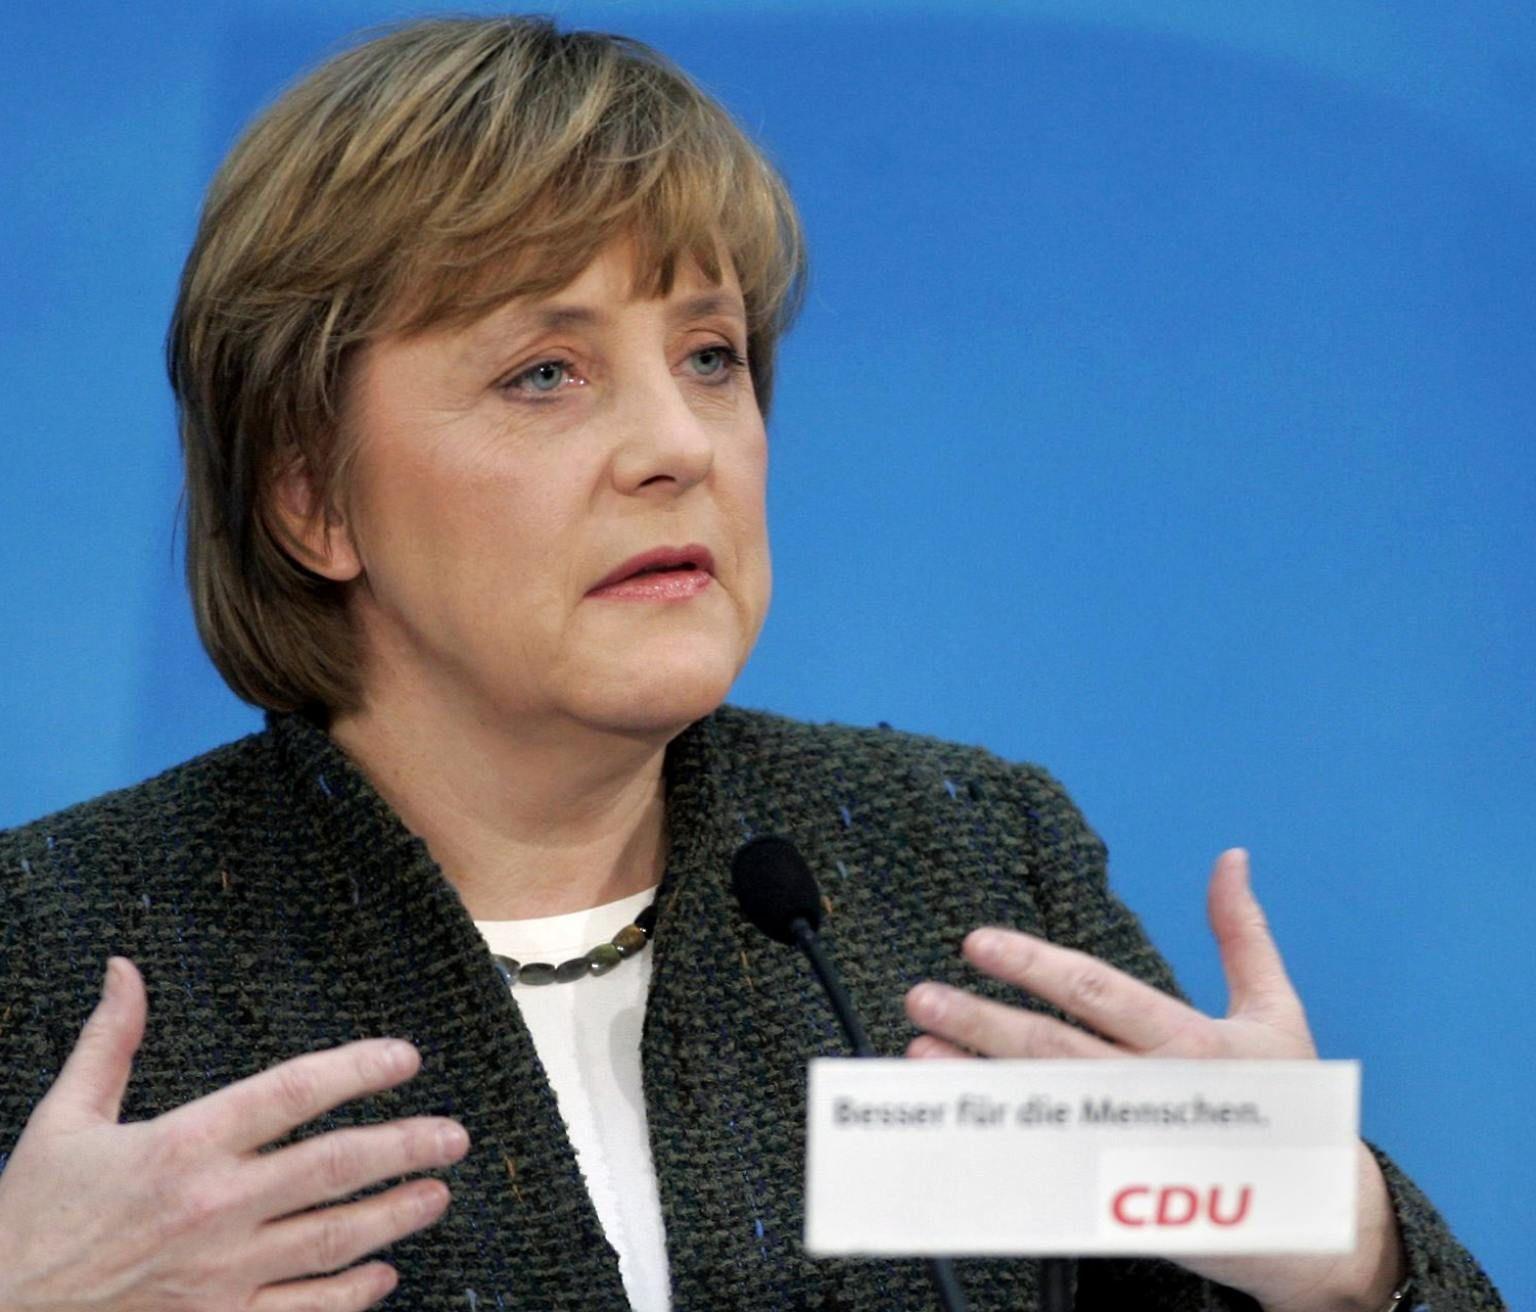 Chronik Der Veranderung In 2020 Merkel Angela Merkel Der Pate